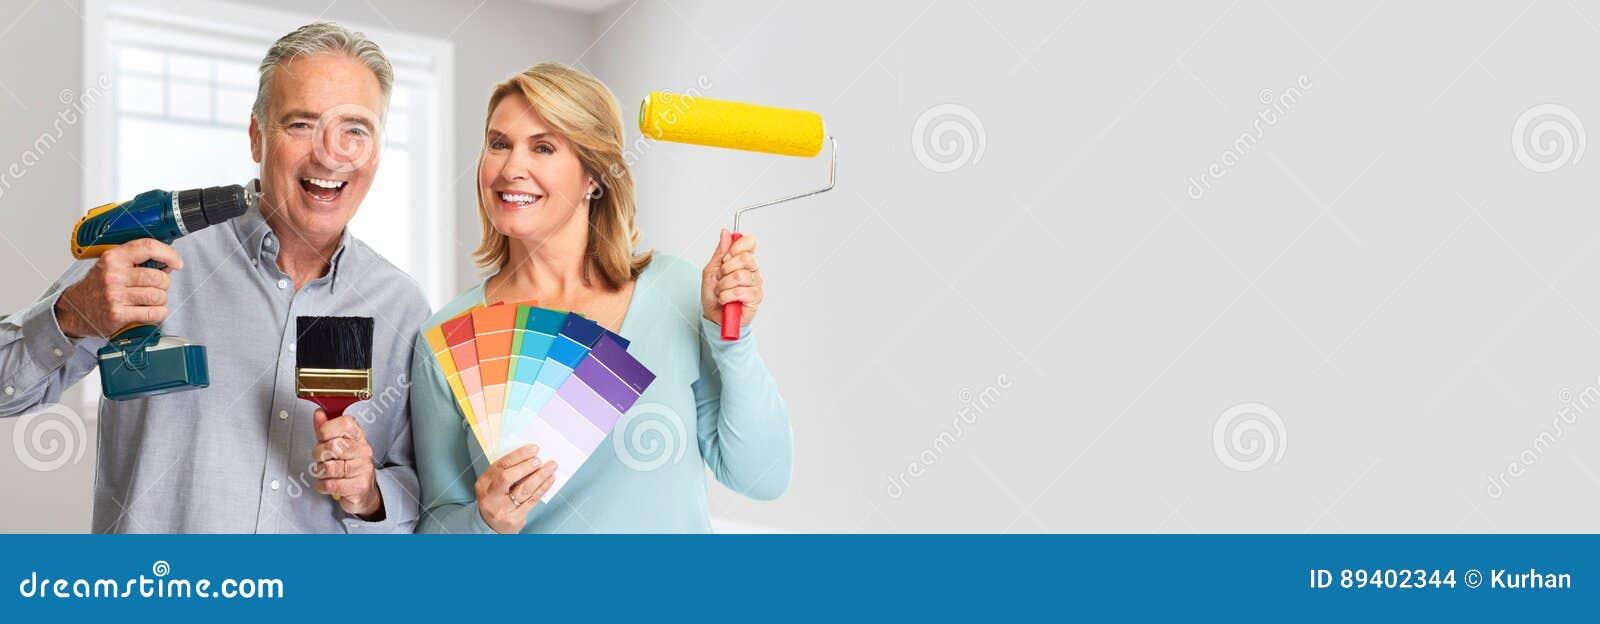 Pares superiores com o rolo da broca e de pintura